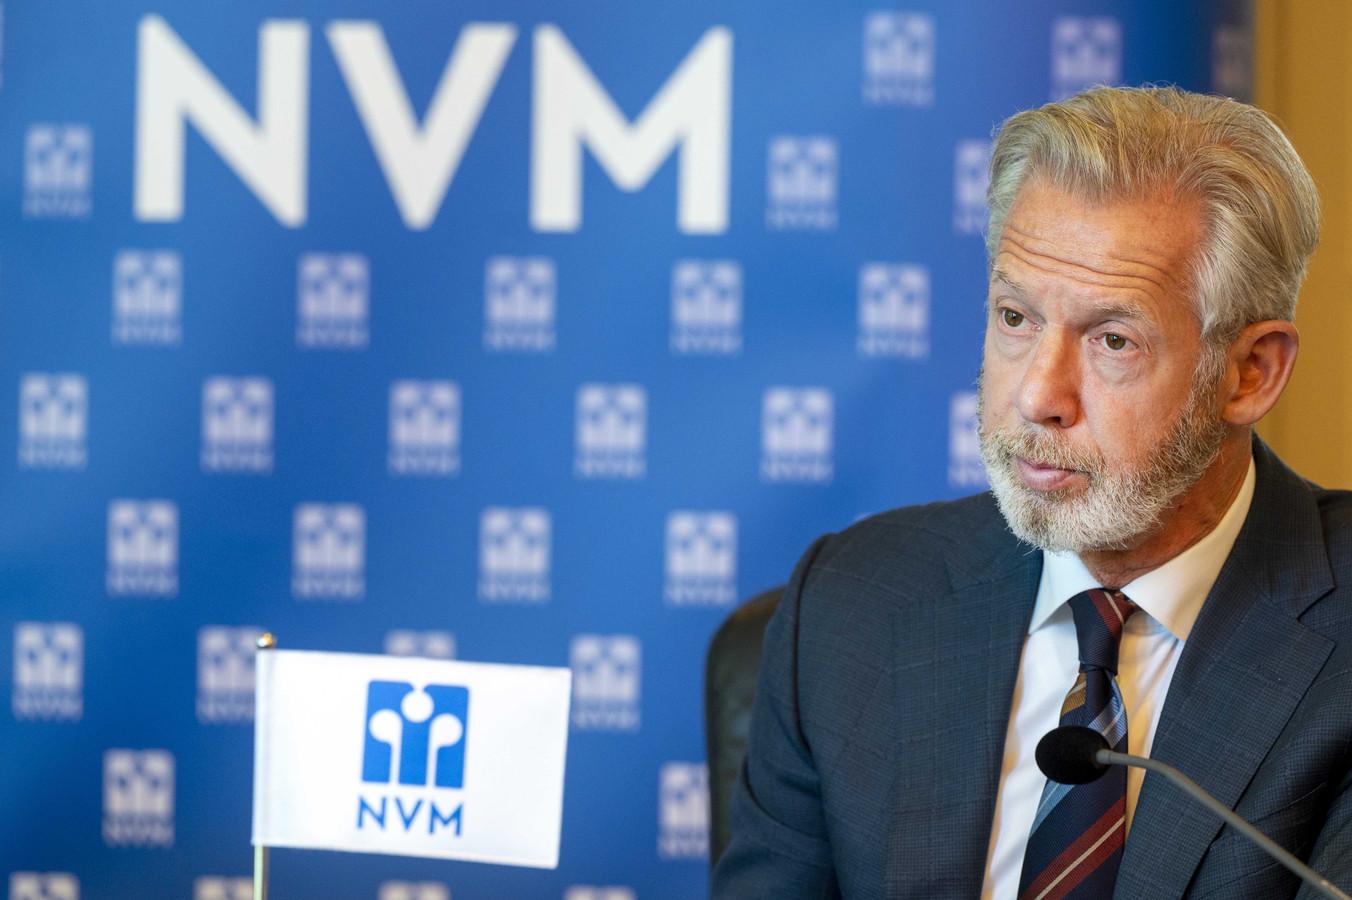 NVM-voorzitter Onno Hoes tijdens de presentatie van de verkoopcijfers van woningen in het tweede kwartaal van dit jaar 2021. Er werden 11,8% minder huizen verkocht ten opzichte van een jaar eerder. En het aantal woningen dat te koop stond, was met 53,8% gedaald ten opzichte van een jaar eerder.  De gemiddelde huizenprijs steeg wel: met 19,9%.